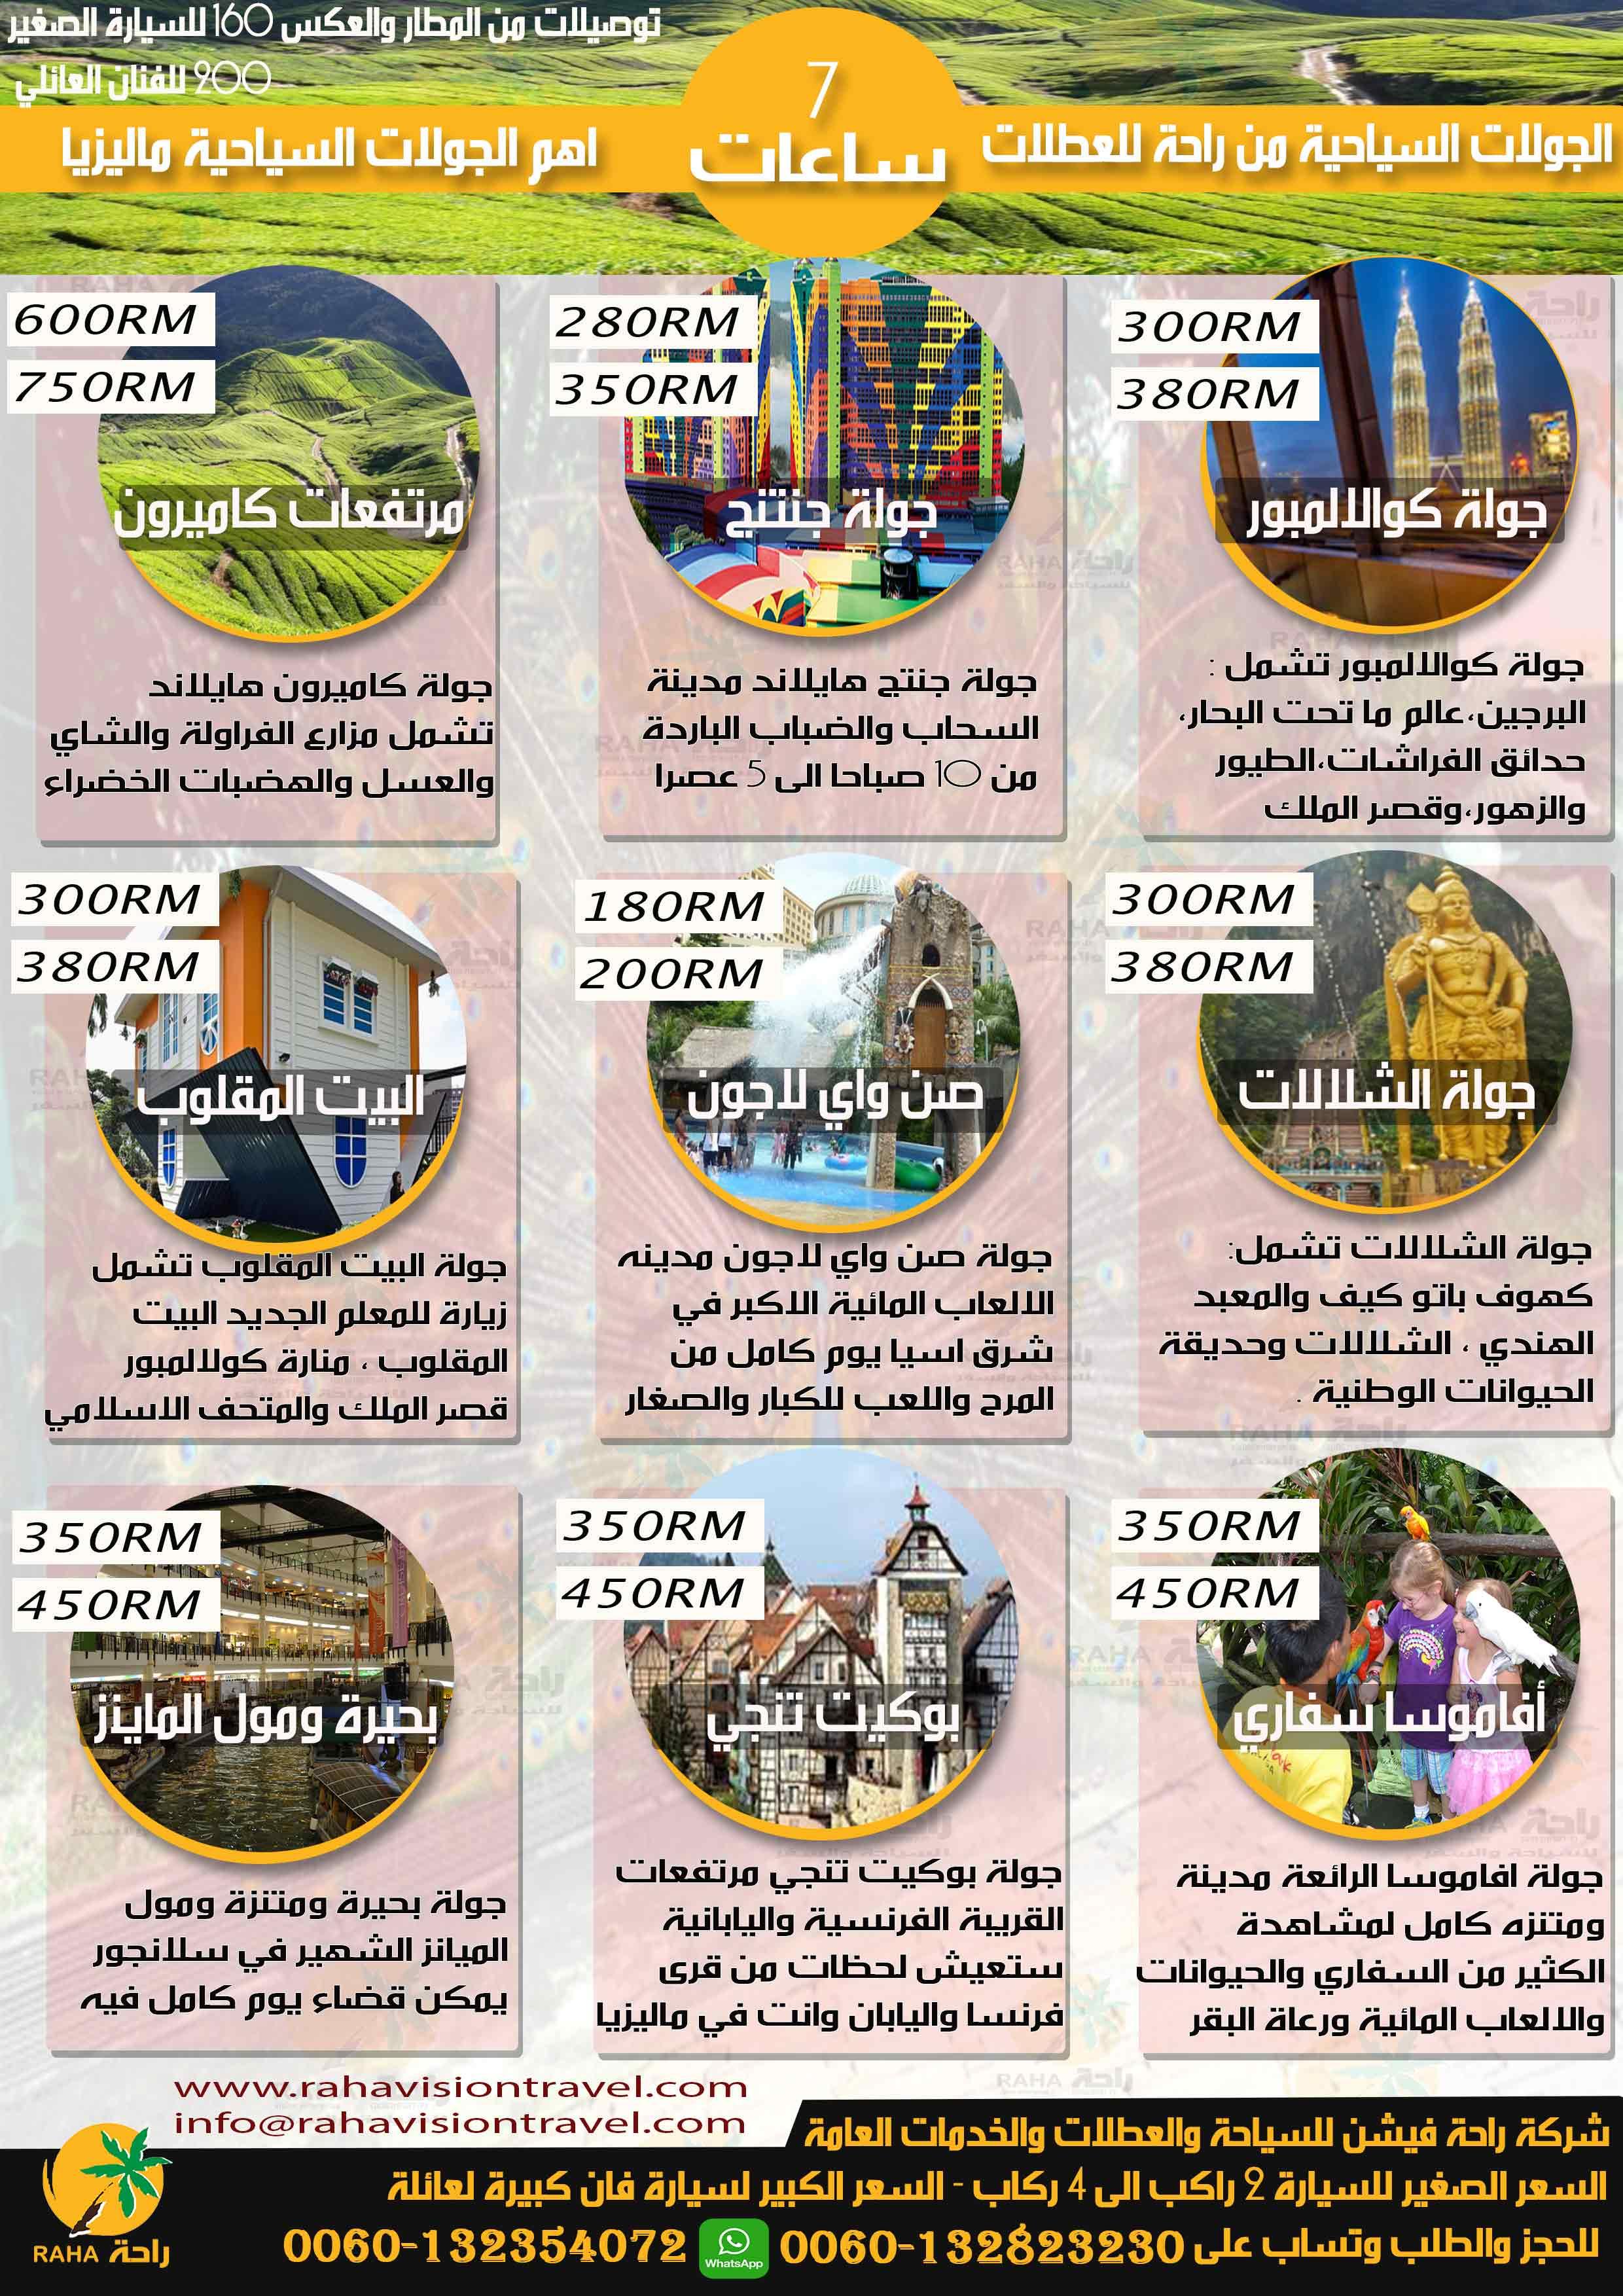 جولات سياحية واسعارها ماليزيا Raha-tours